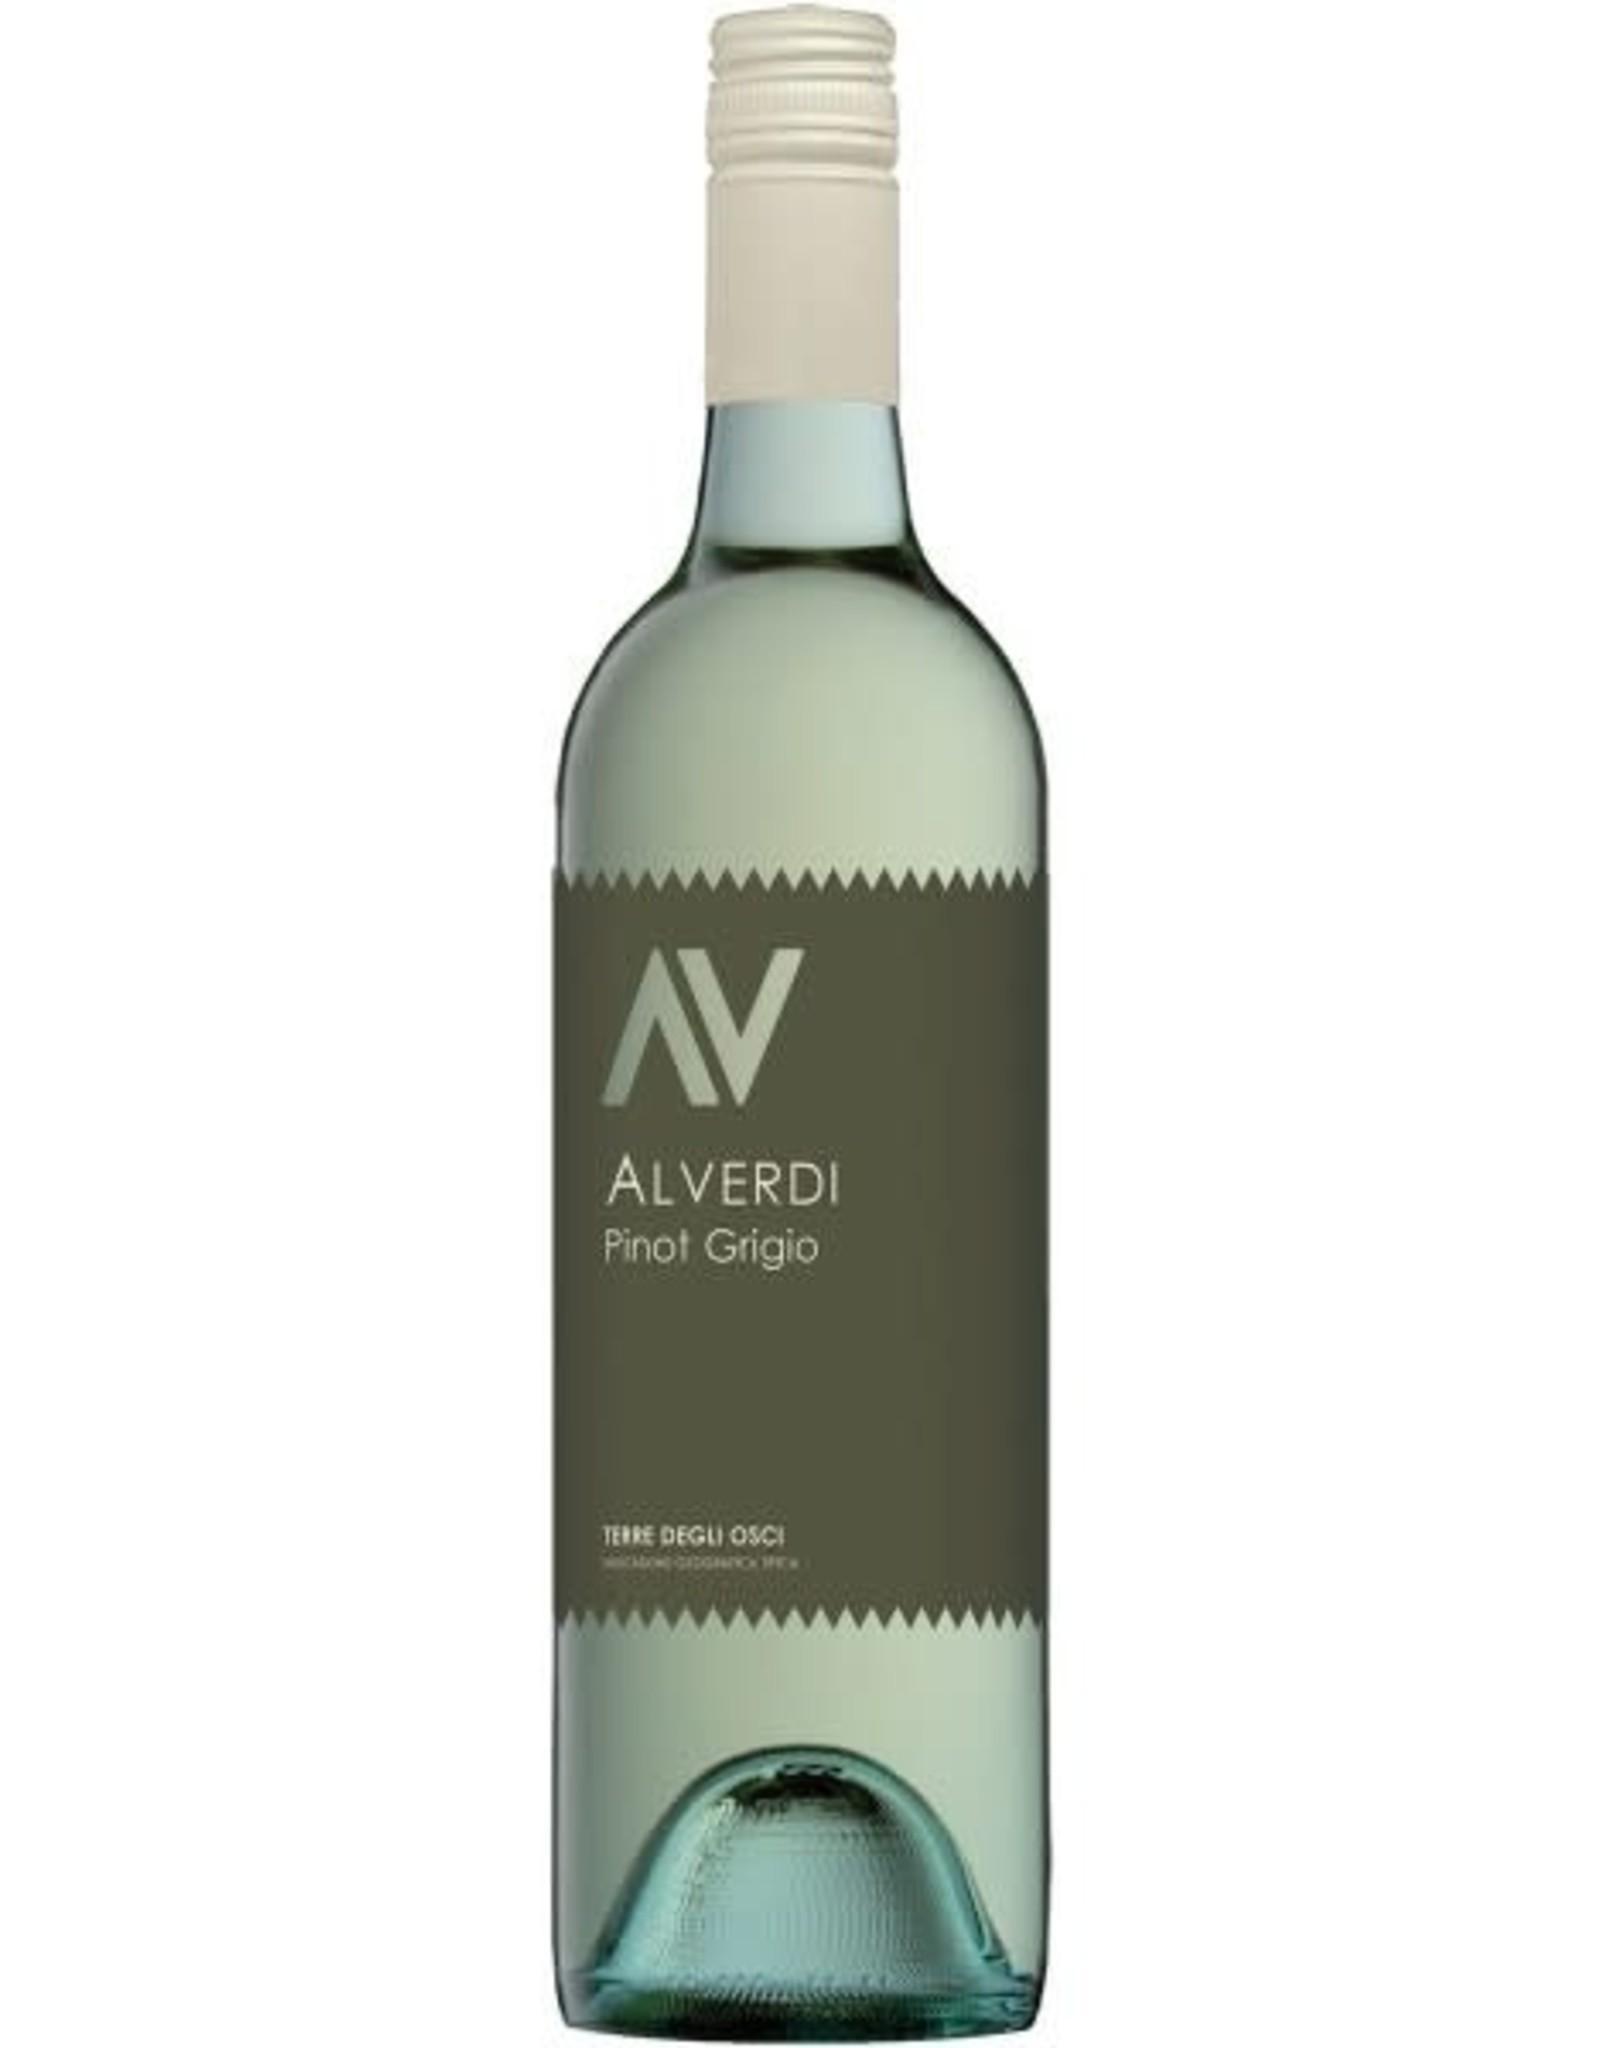 Alverdi Alverdi Pinot Grigio, Terre degli Osci 2020